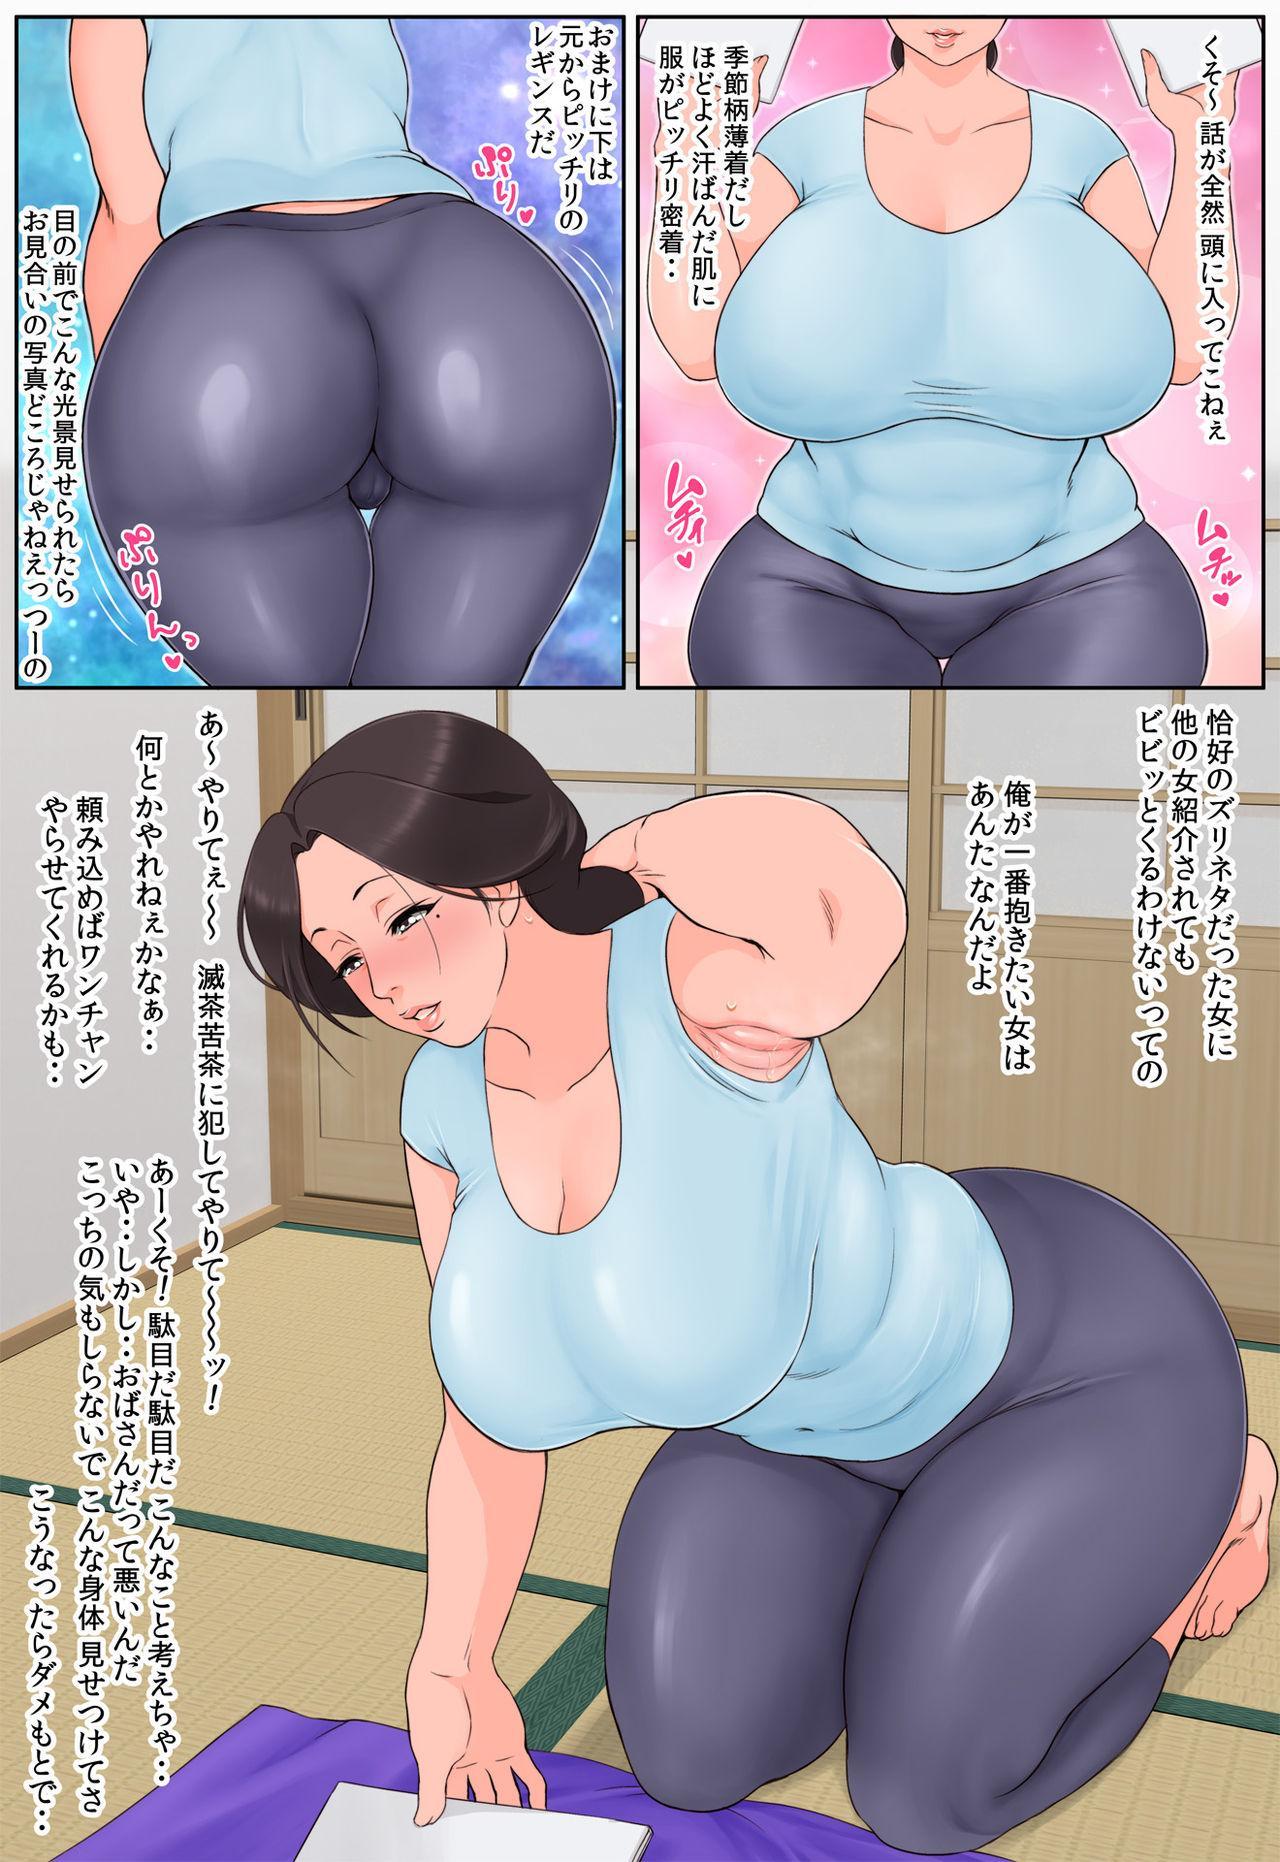 Chiisai koro kara Osewa ni natte iru Kinjo no Oba-san o Otoshite Tanetsuke! 6